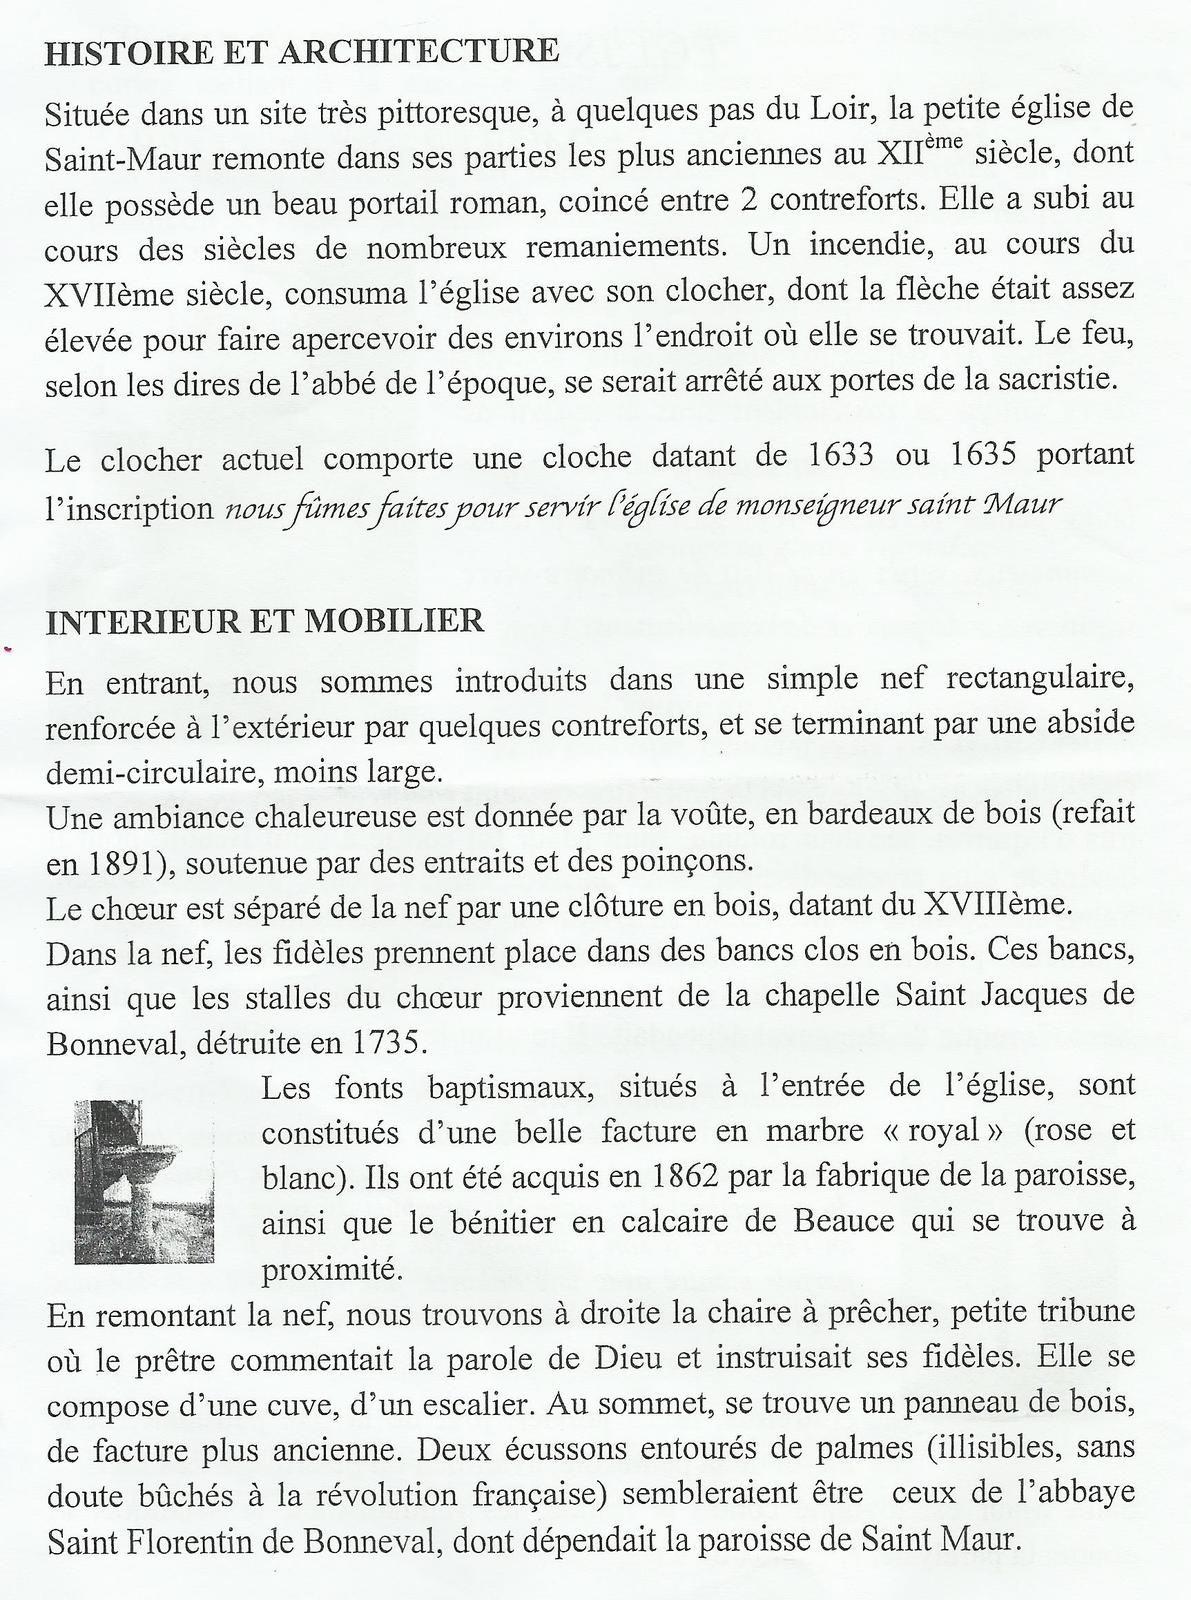 JEP 2020. Saint-Maur sur le Loir